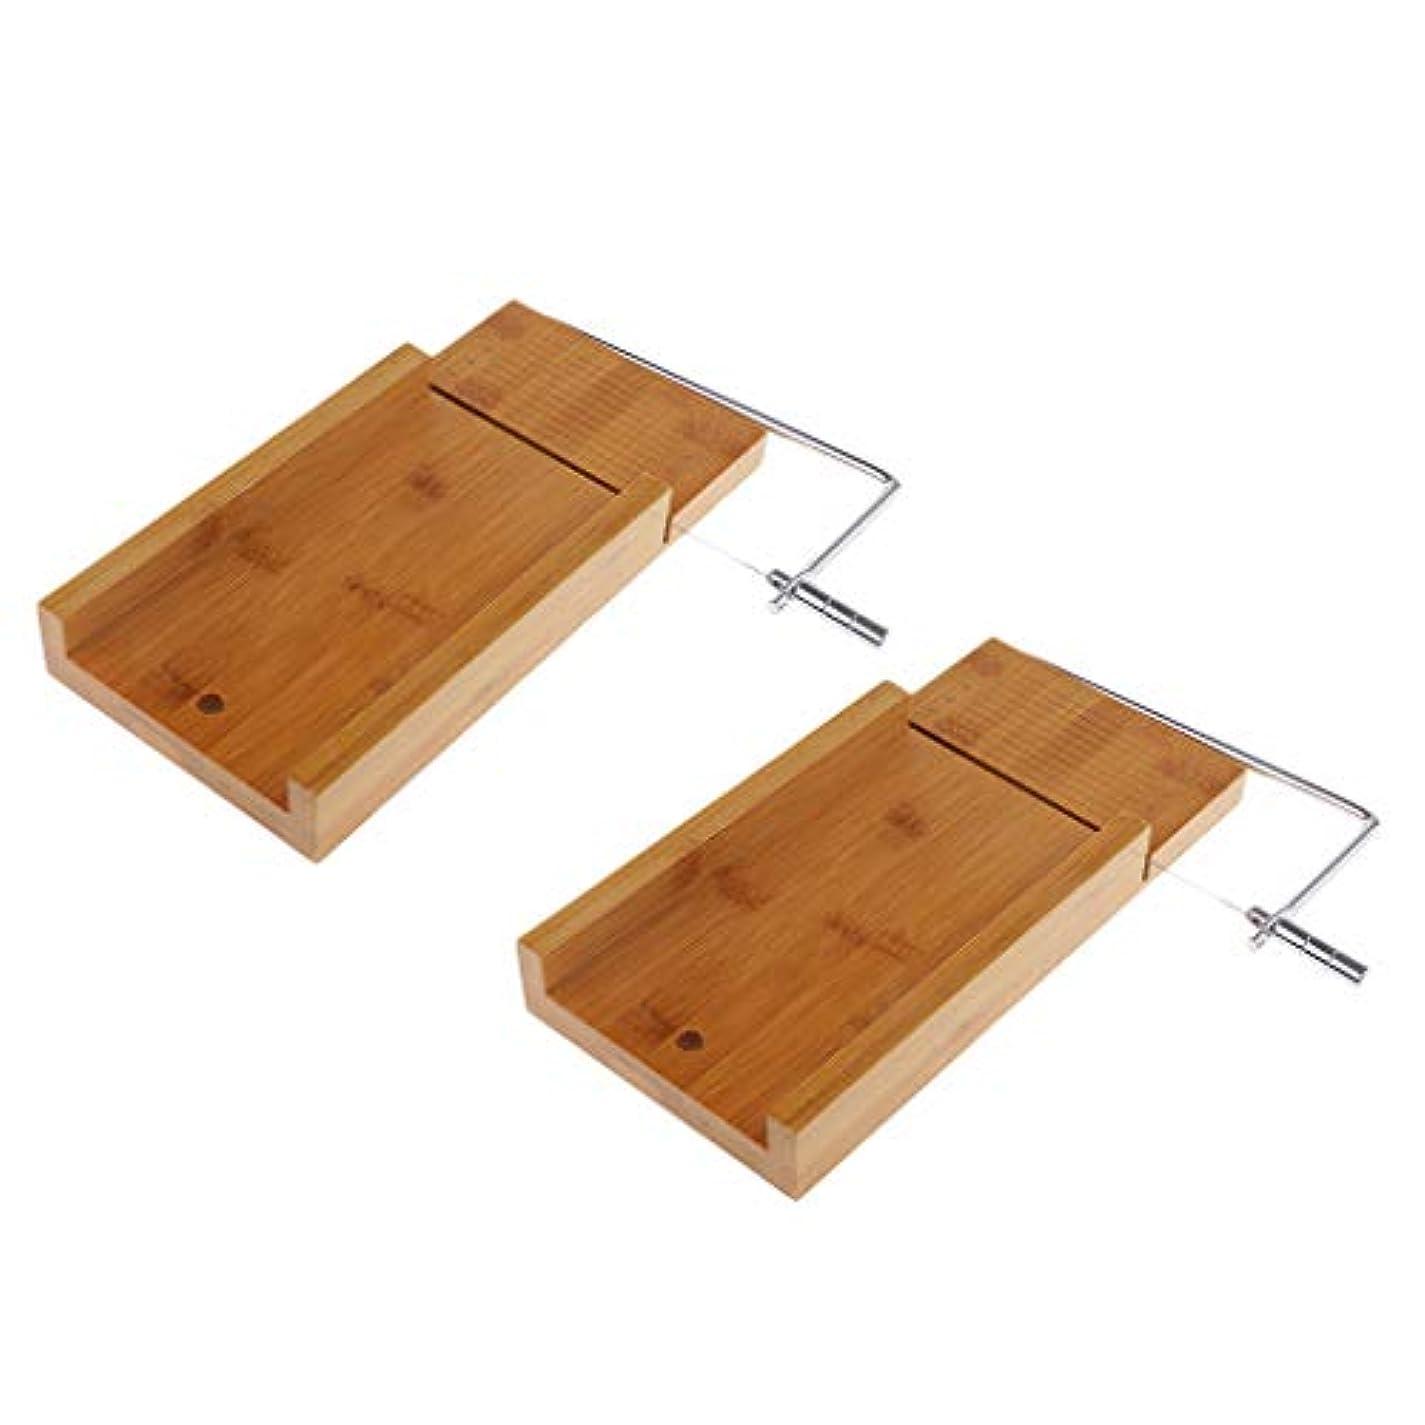 スクワイアインストラクターアドバンテージD DOLITY ソープカッター 台 木質 チーズナイフ せっけんカッター ワイヤー ソープスライサー 2個入り